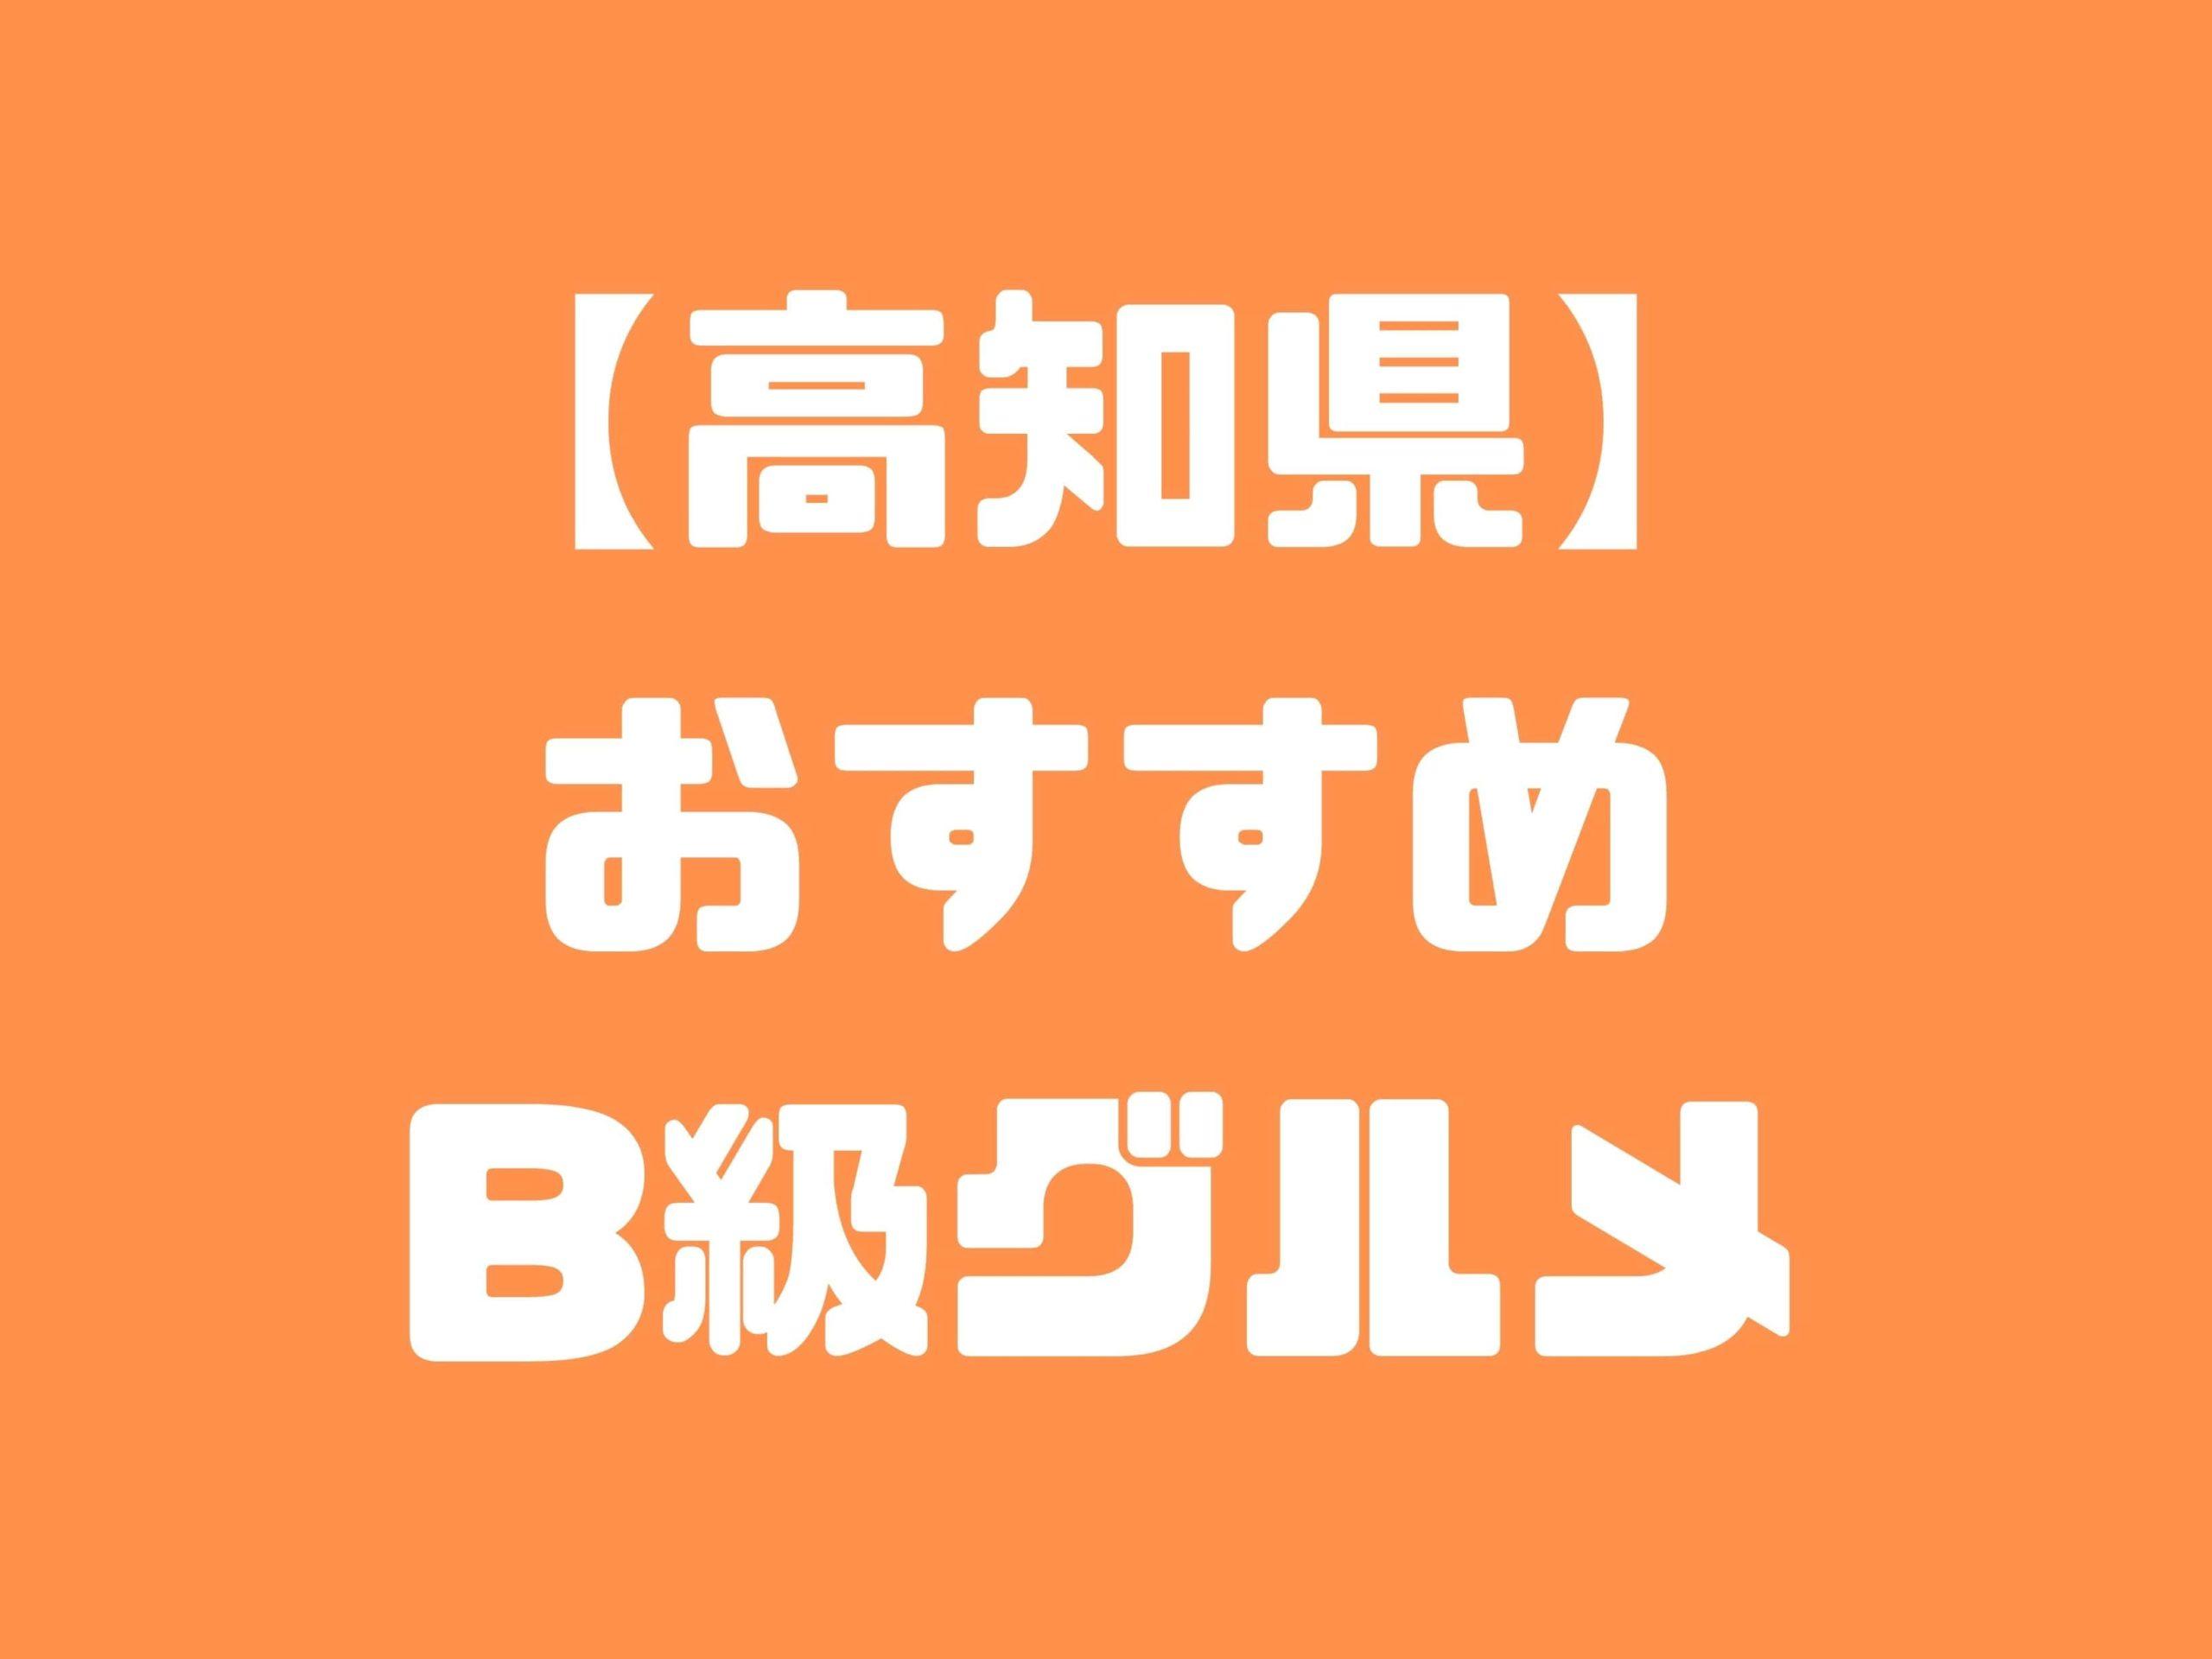 【高知県版】秘密のケンミンSHOWまとめ